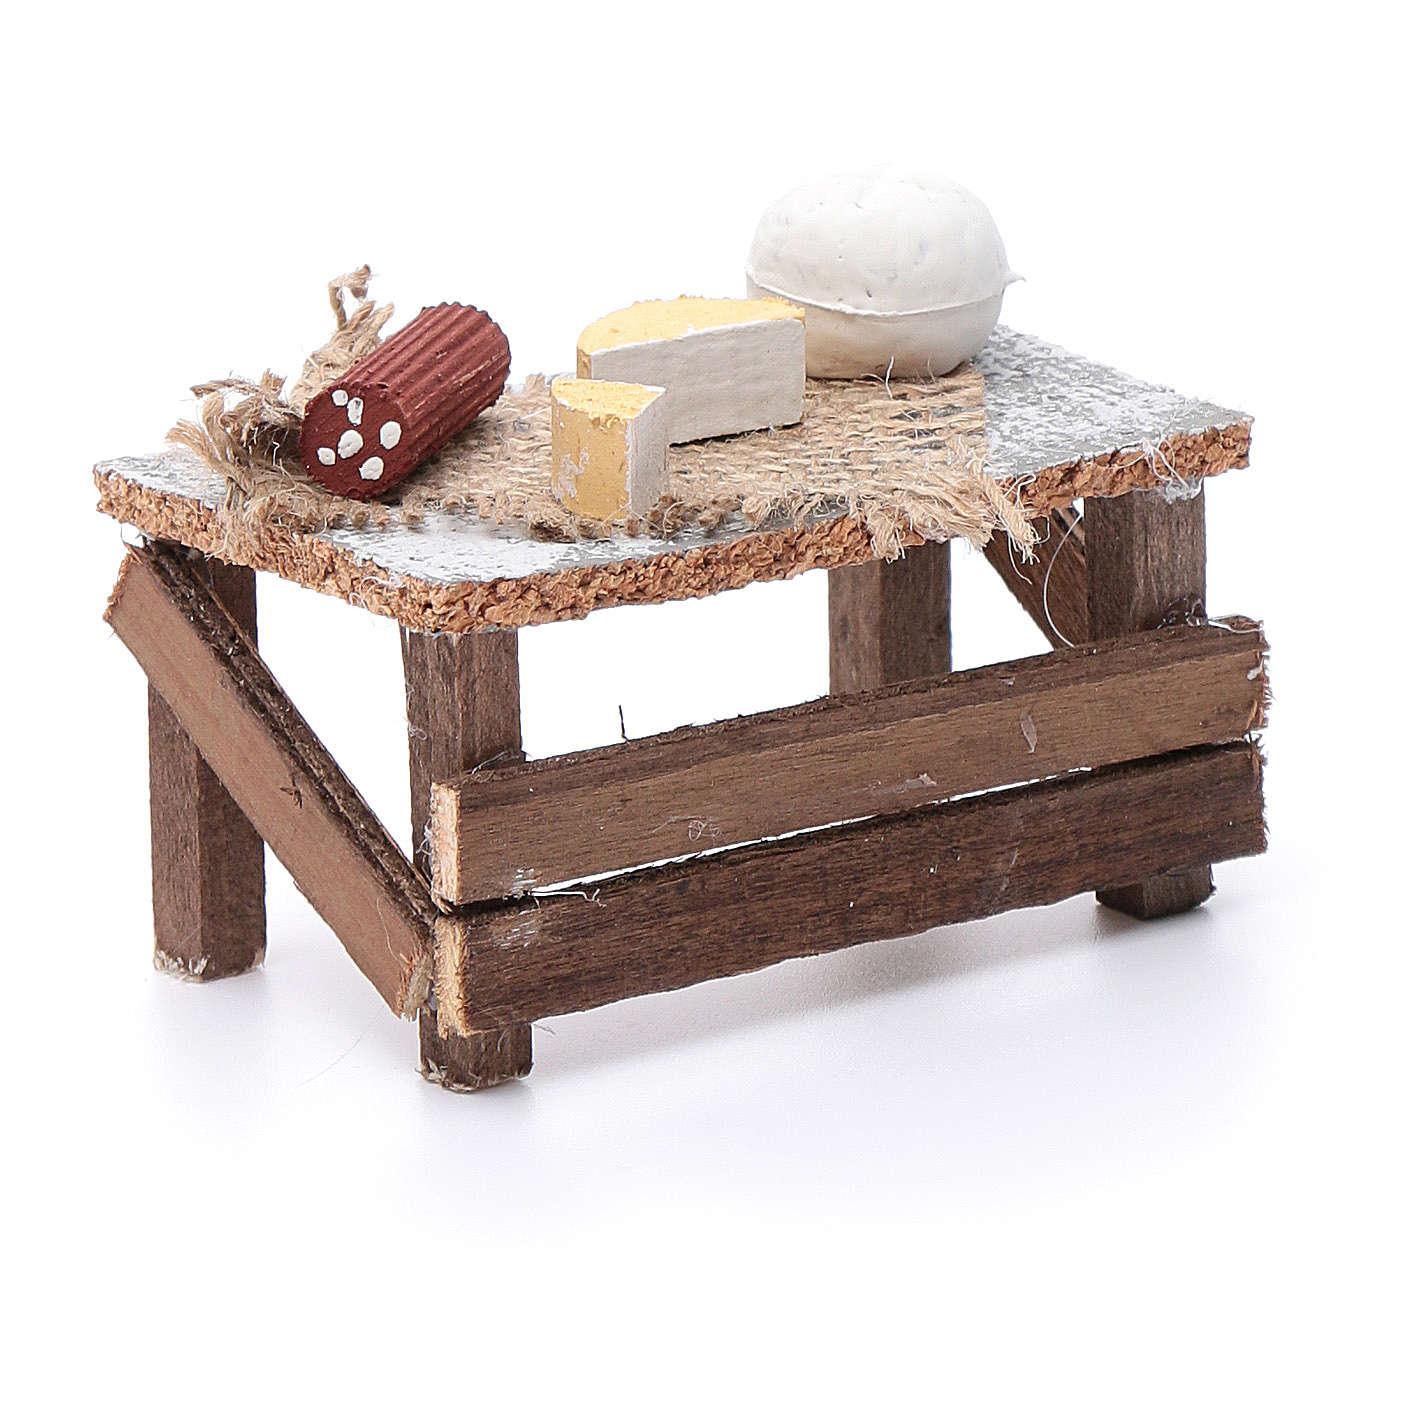 Banchetto forme formaggi e salame 10x10x5 cm per presepe 4